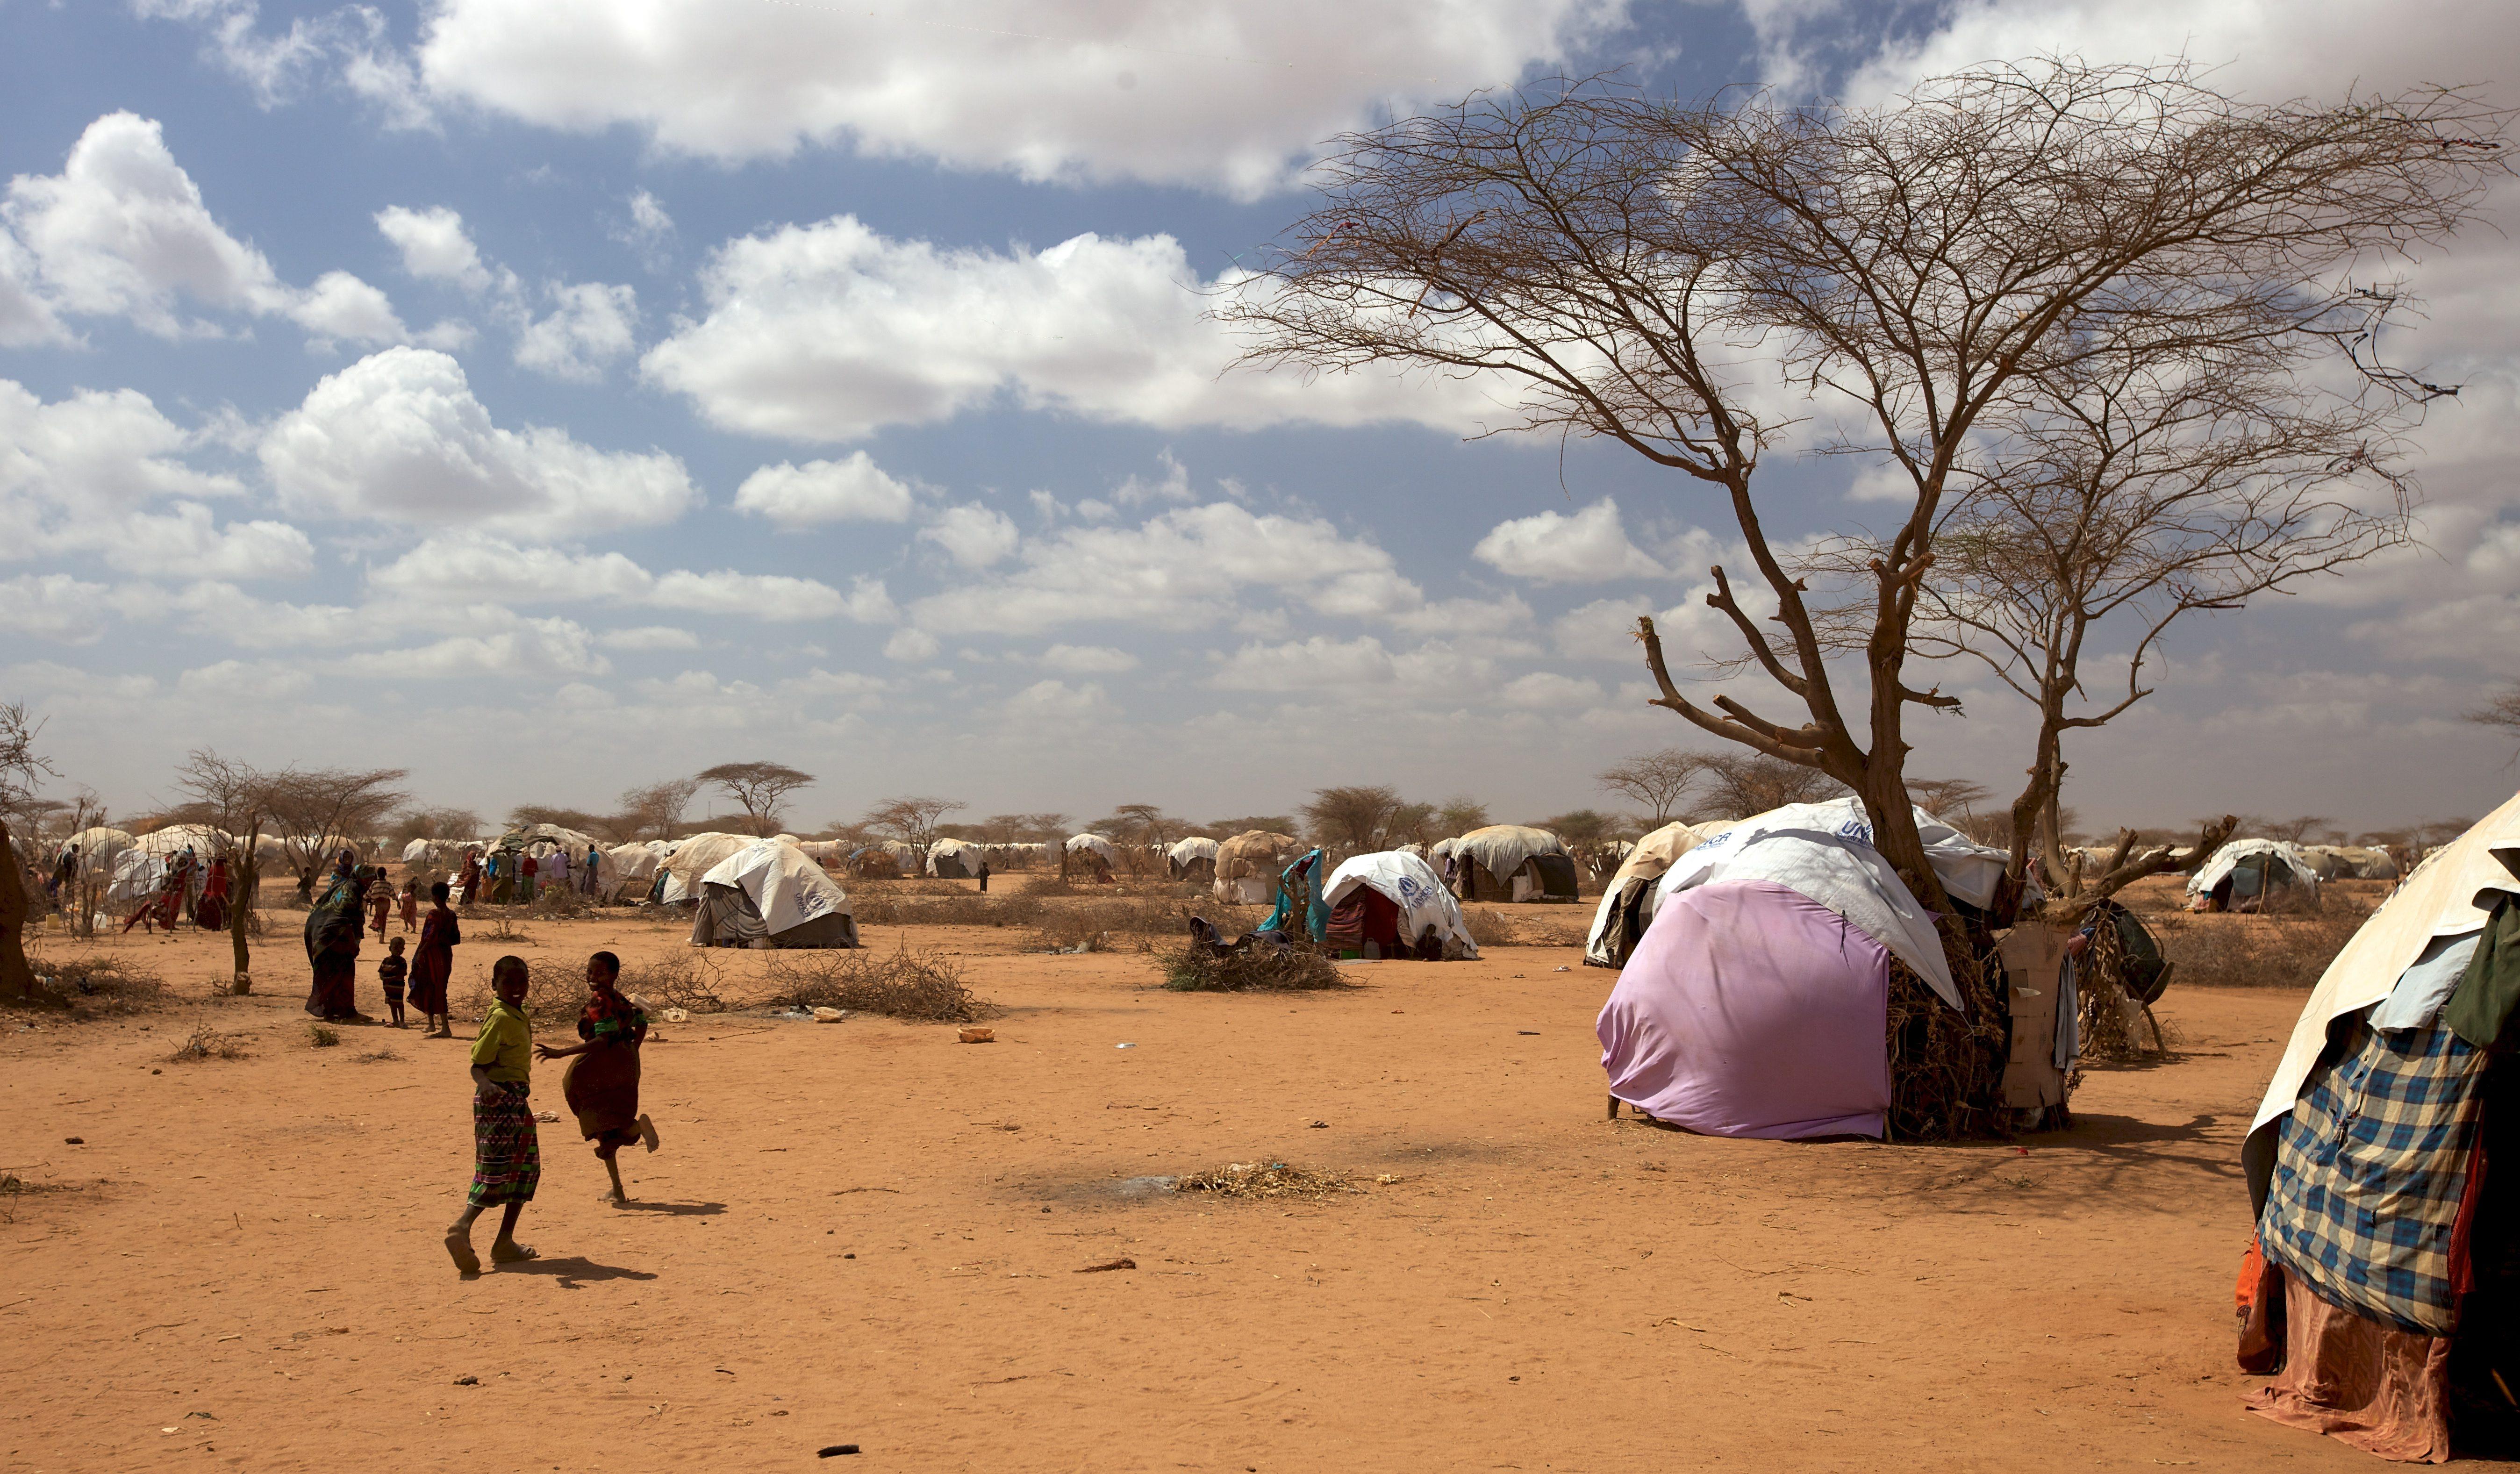 (c) UNHCR/ J. Brouwer/ August 2011